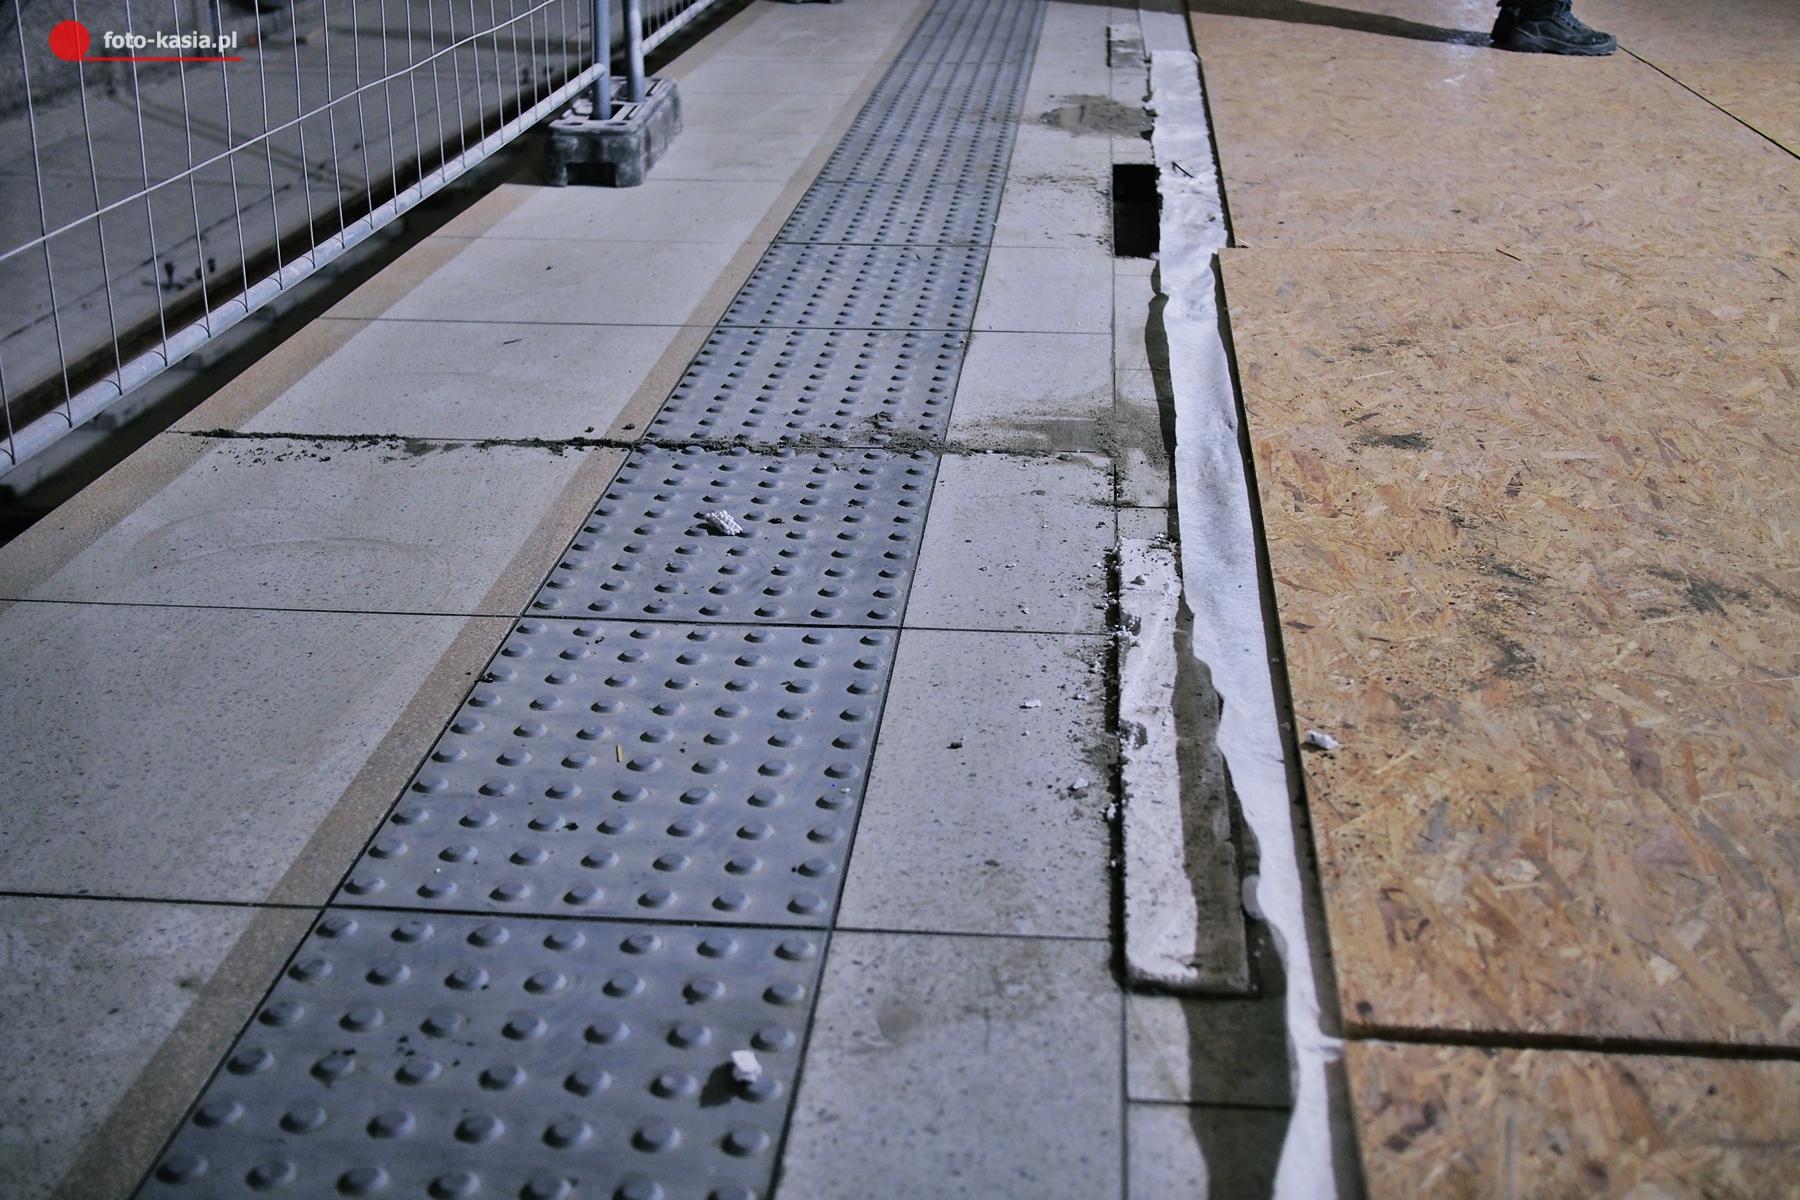 Wreszcie pasy wzdłuż krawędzi peronu na których nie tak łatwo się poślizgnąć.